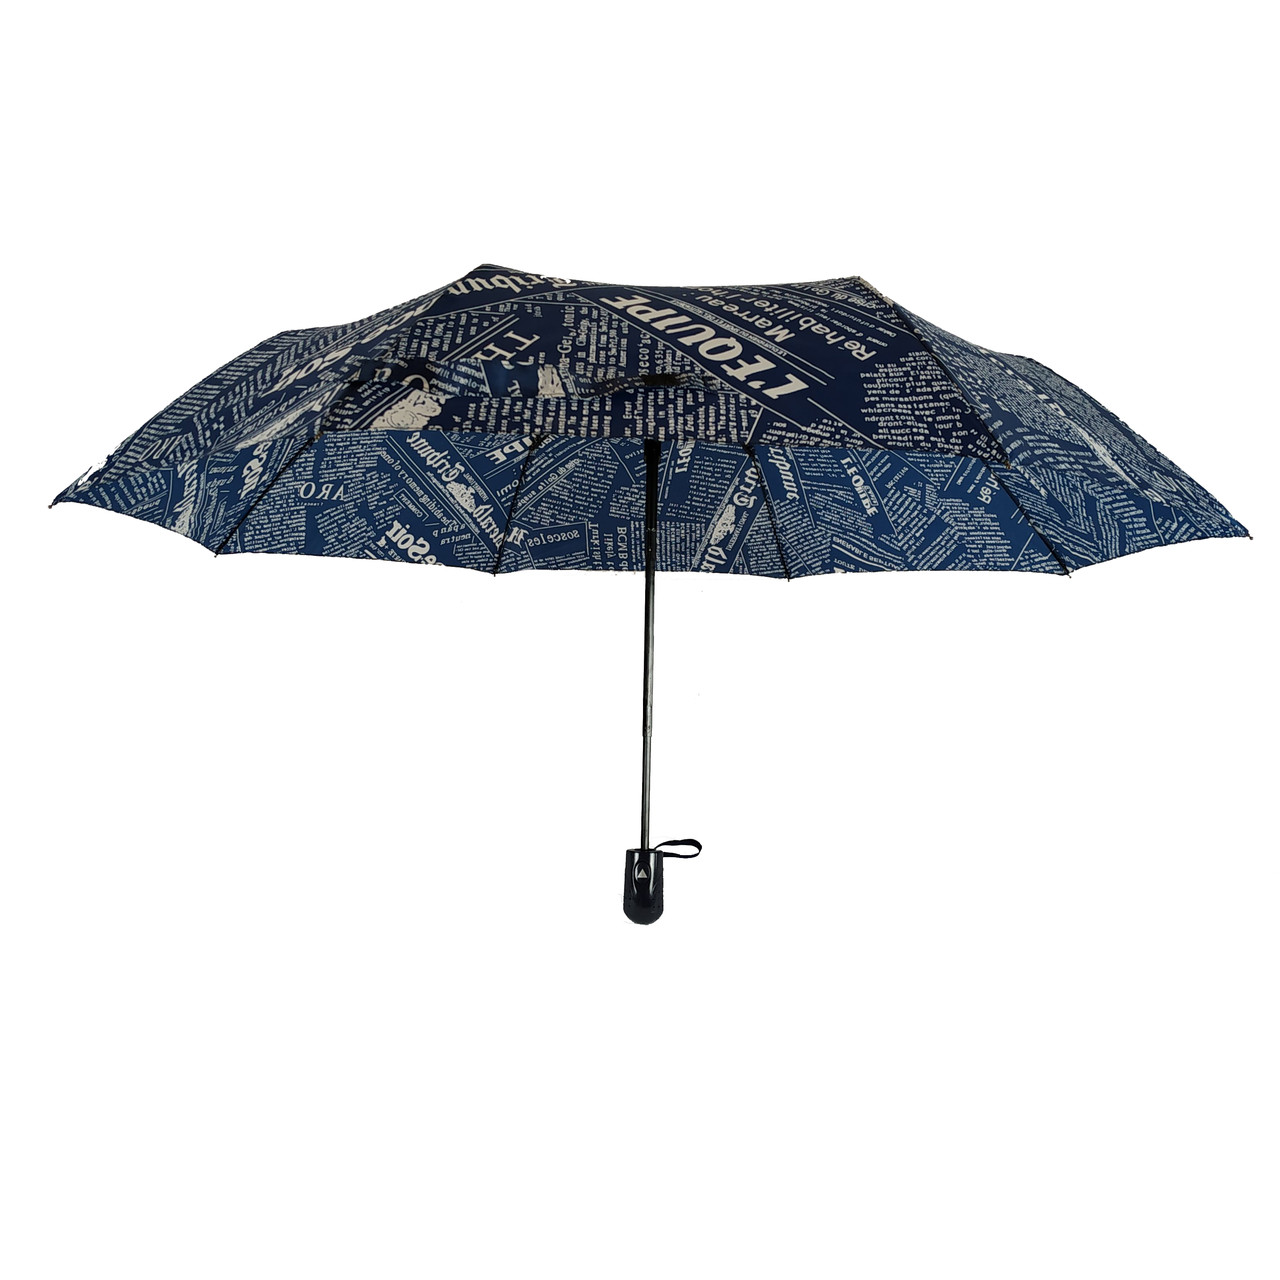 """Женский зонт полуавтомат Max на 8 спиц """"News"""" с газетным принтом, синий, 2008-4"""